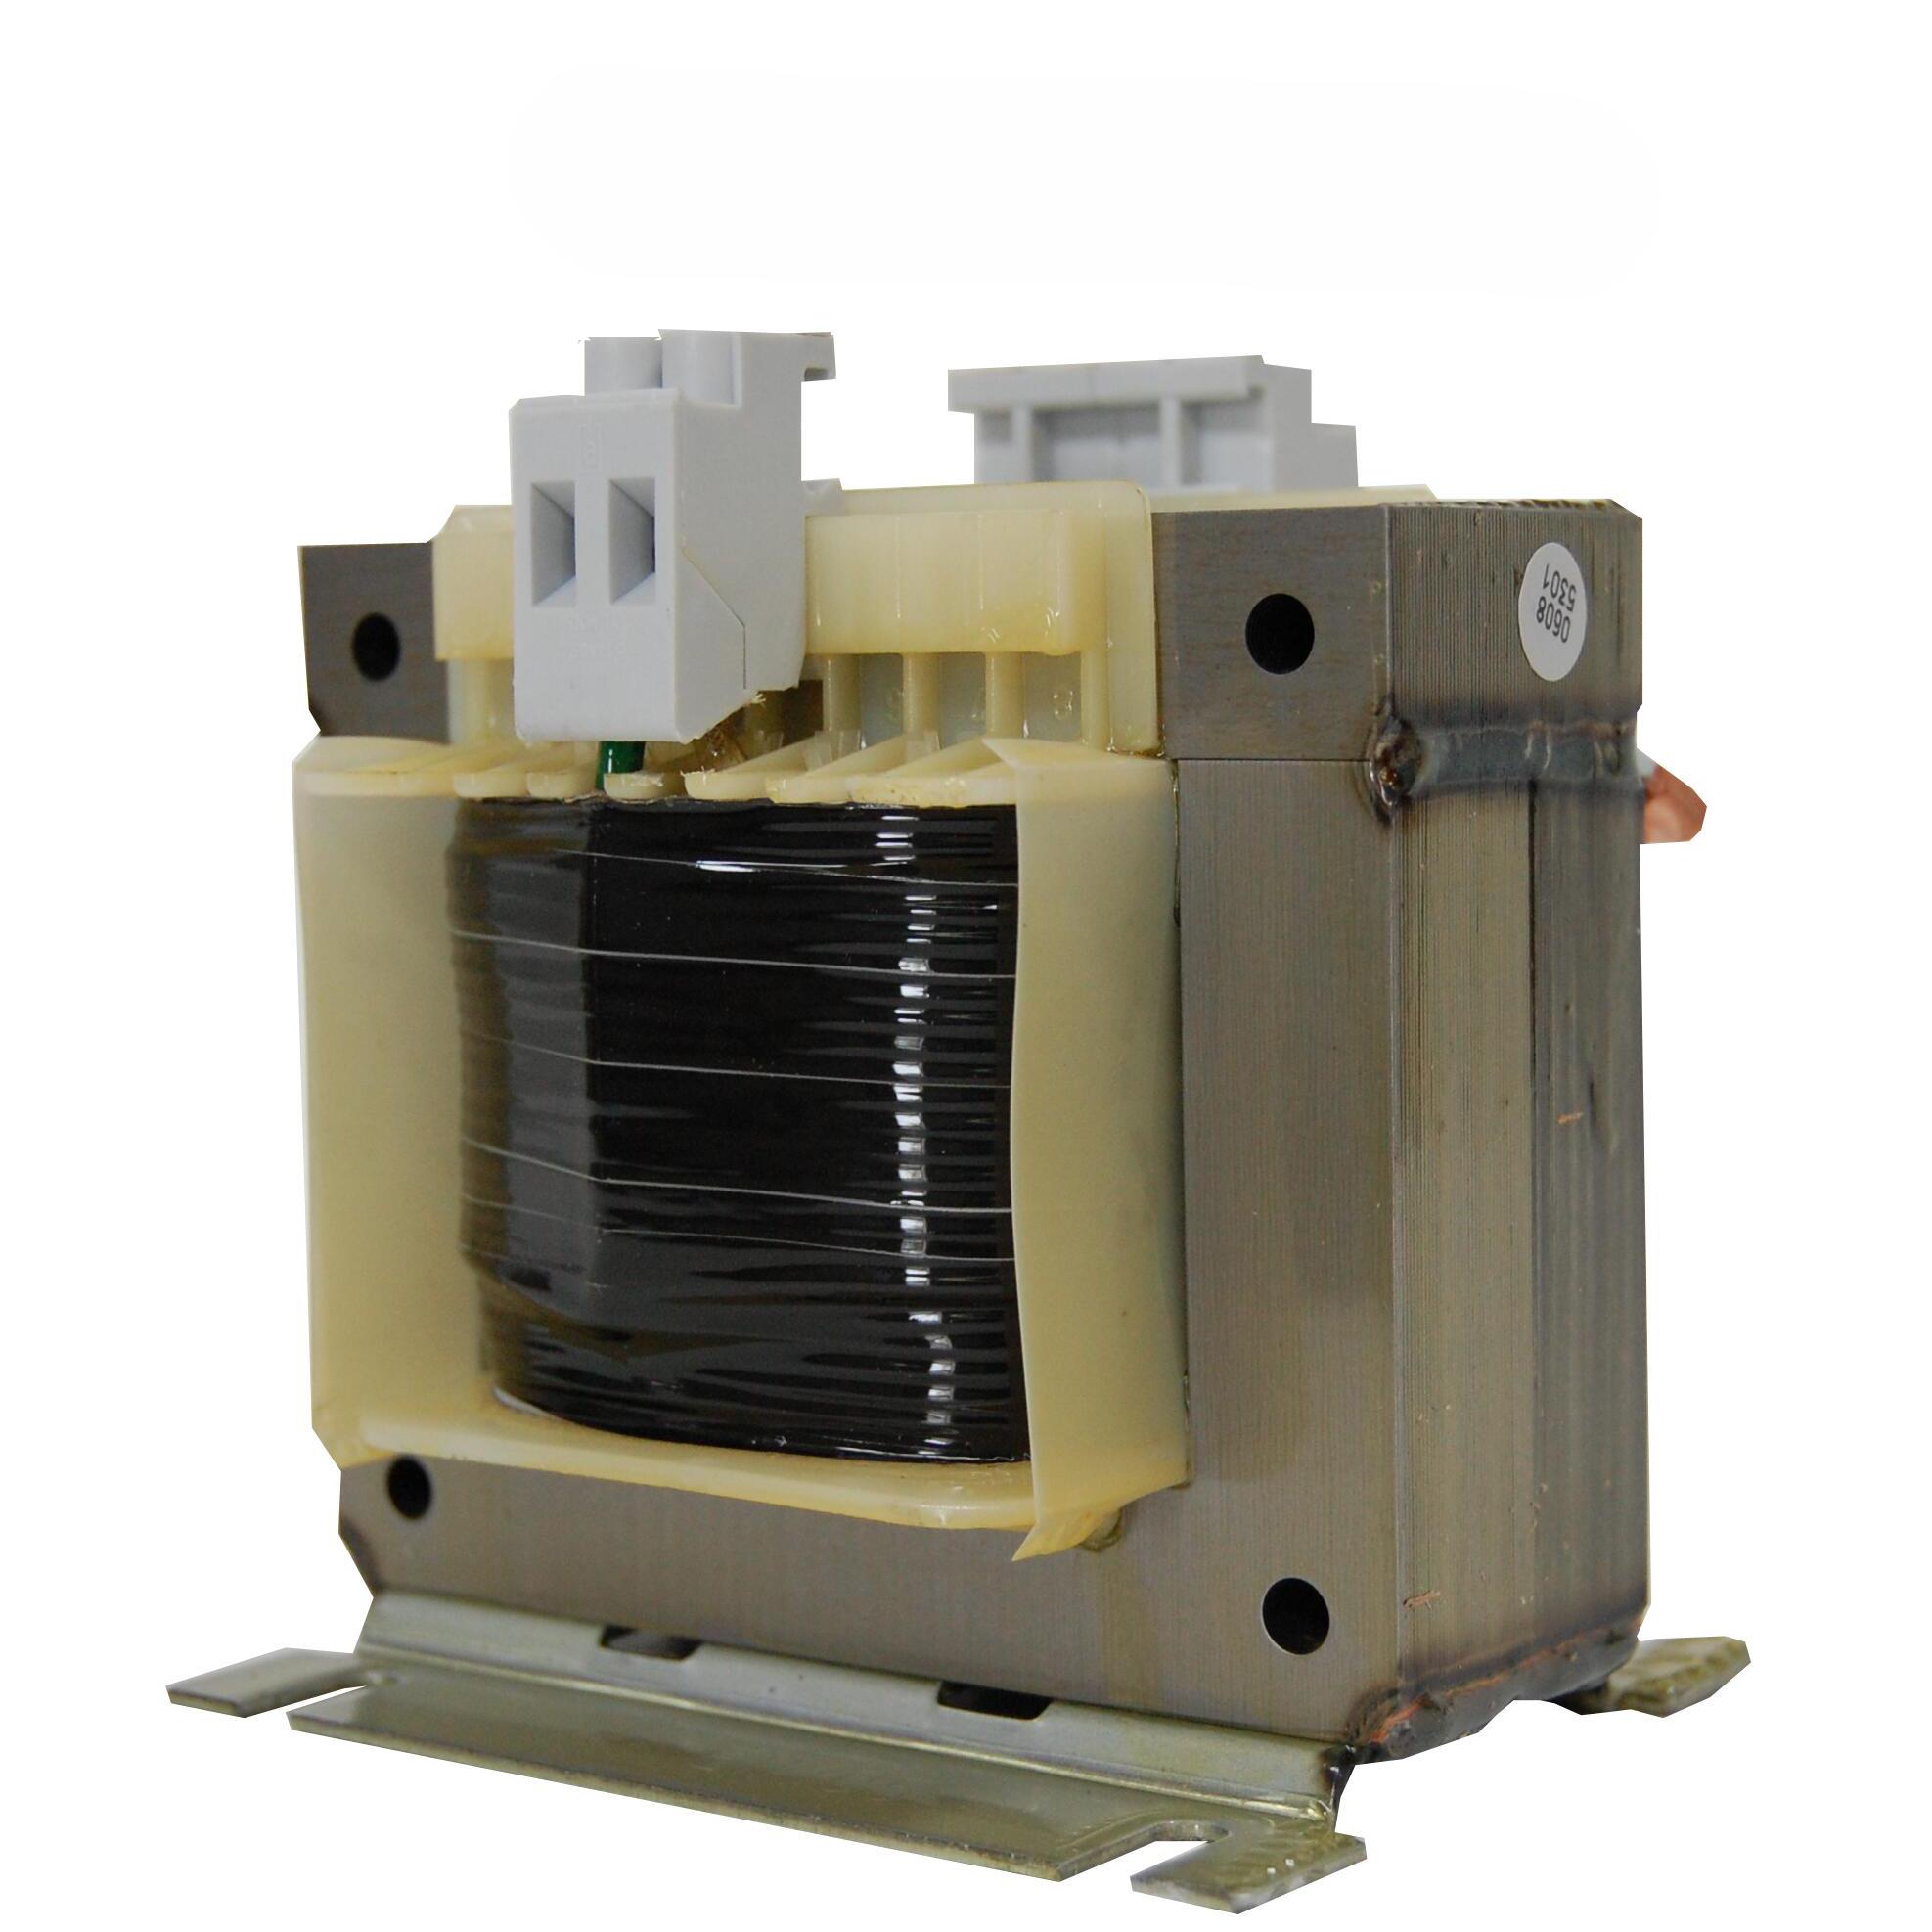 1 Stk Einphasen Steuertransformator 400/230V, 100VA, IP00 LP604010T-